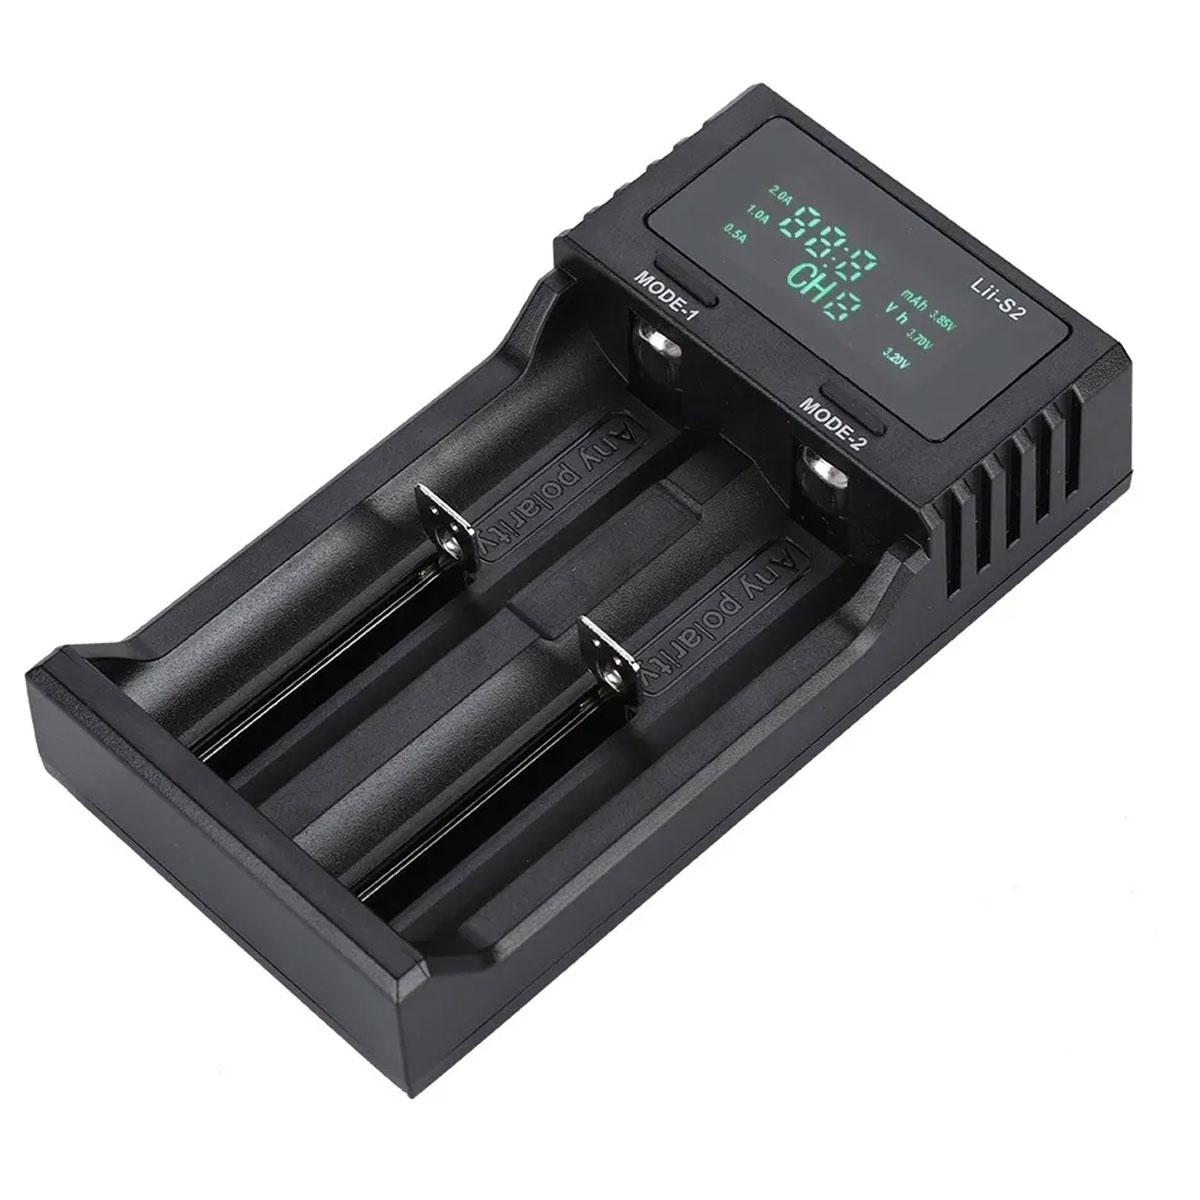 Carregador LiitoKala para 2 Baterias 18650 - LII-S2 Charger com Fonte e Cabo